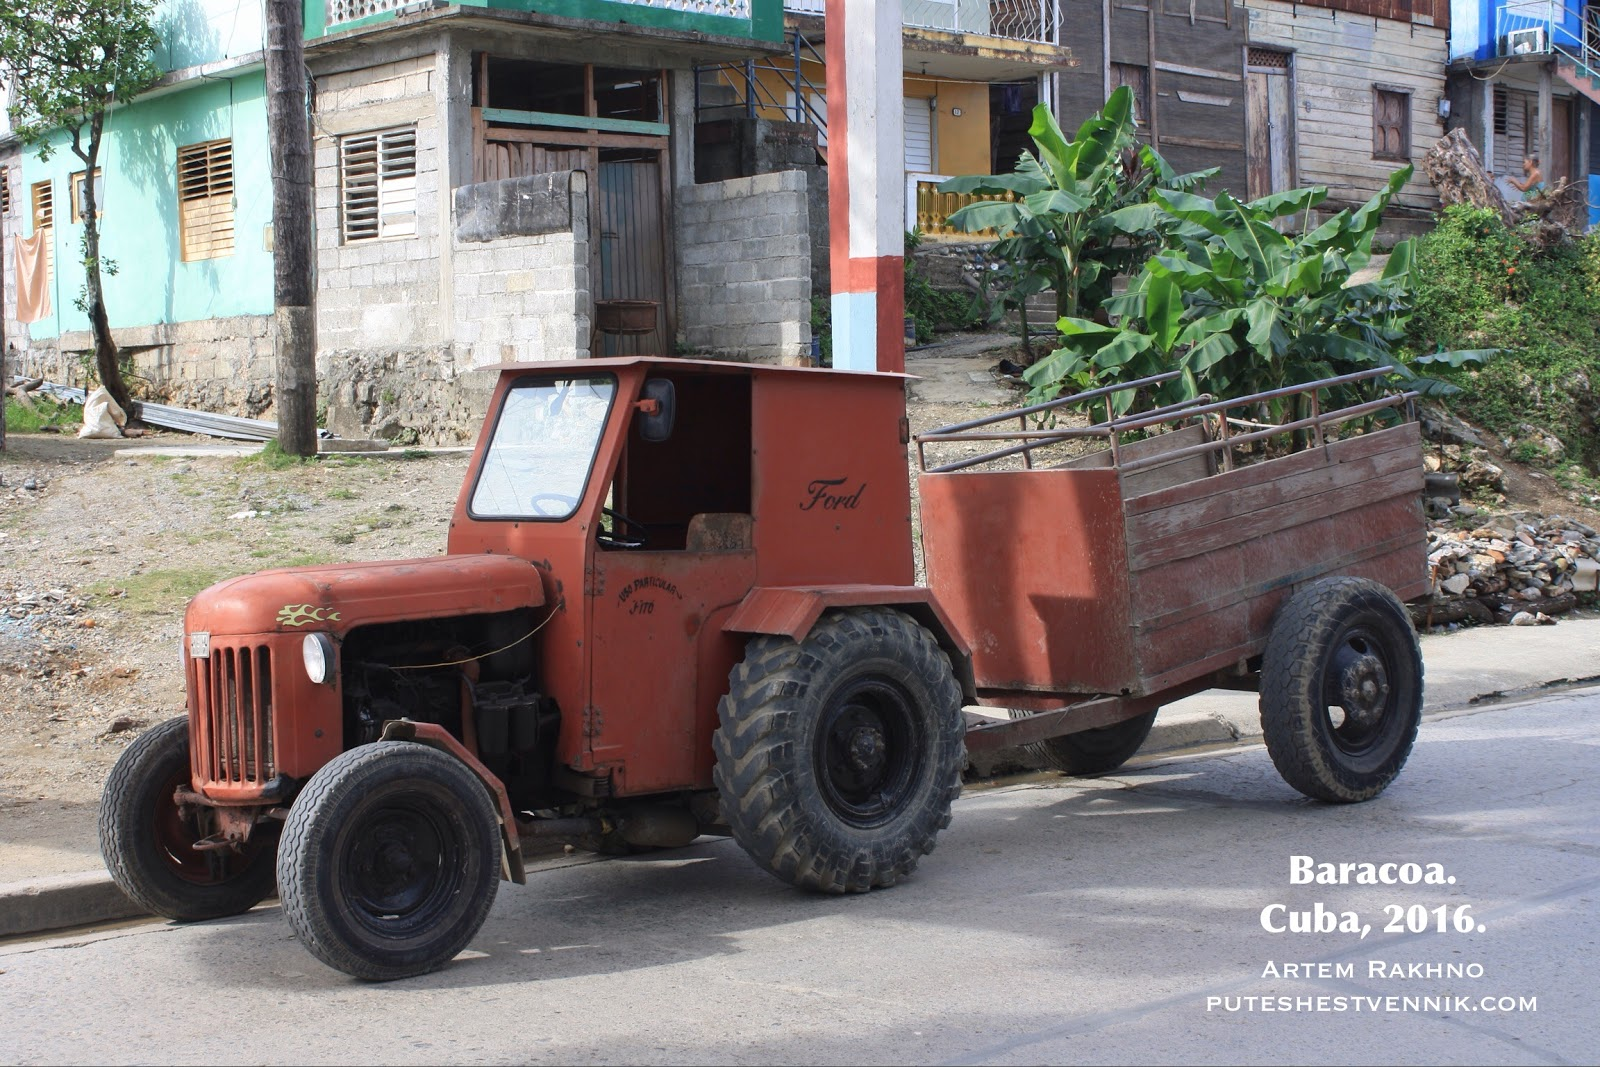 Старый трактор на улице в Баракоа